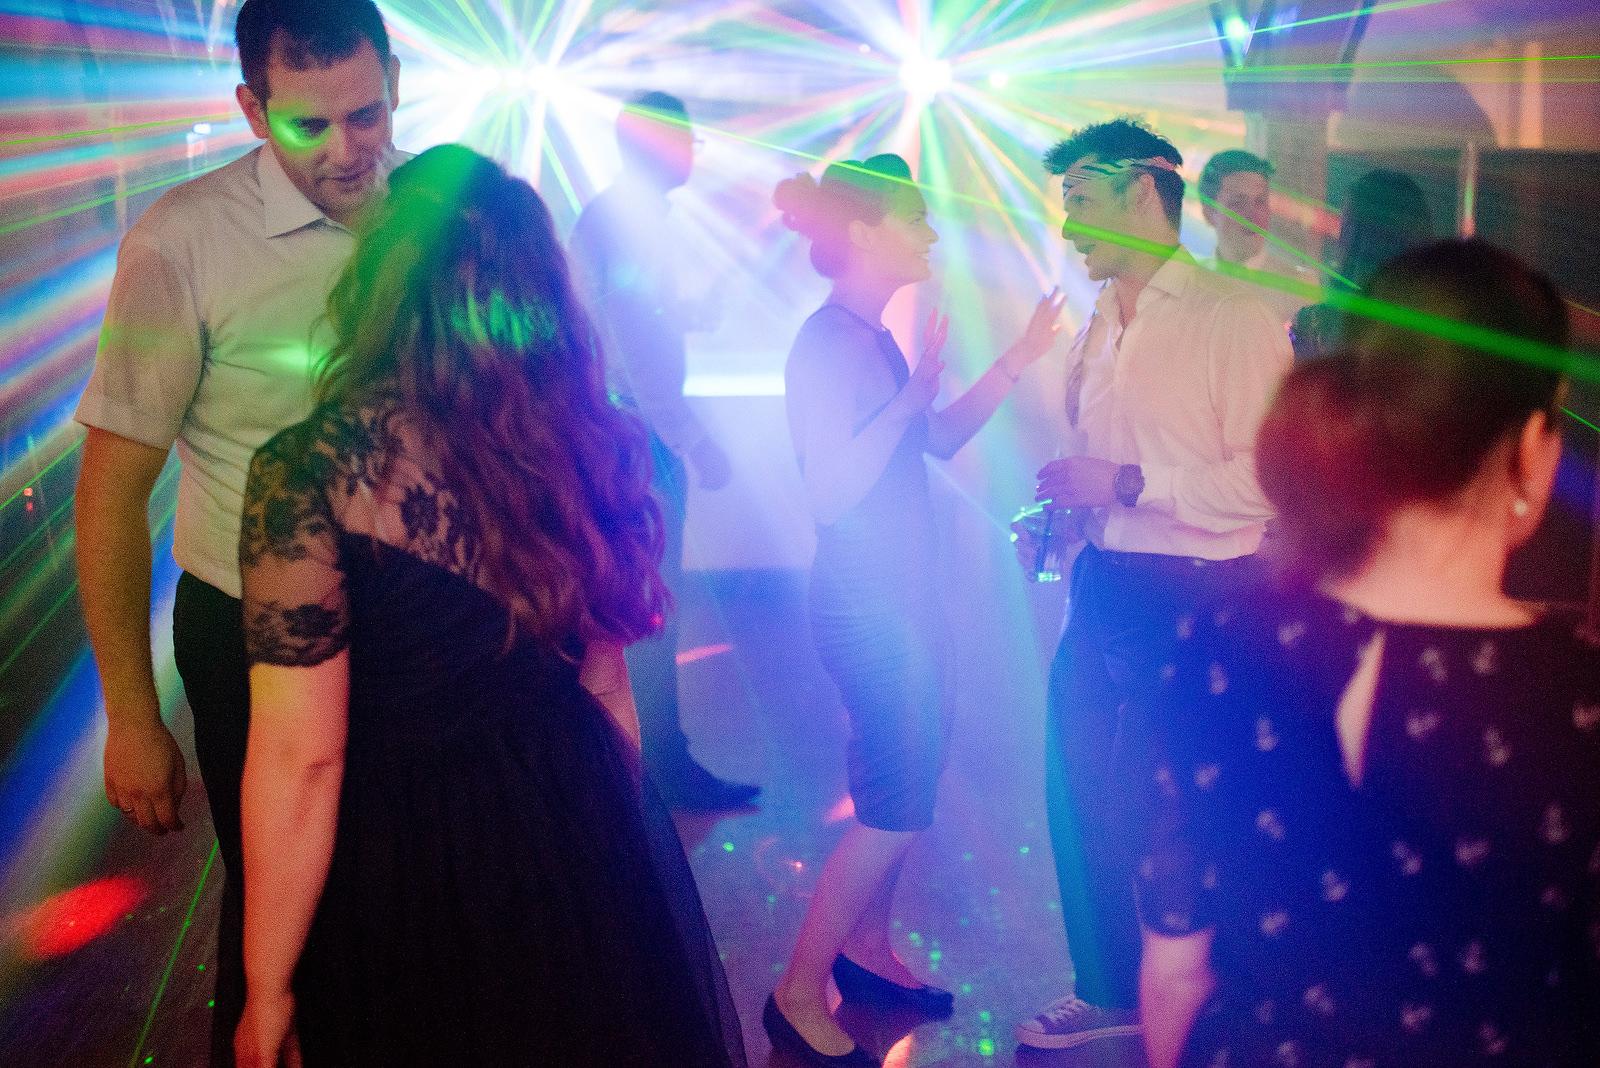 Fotograf Konstanz - Hochzeitsfotograf Bodensee Zollhaus Ludwigshafen Hochzeit Konstanz EFP 178 - Hochzeitsreportage im Zollhaus in Bodman-Ludwigshafen, Bodensee  - 275 -